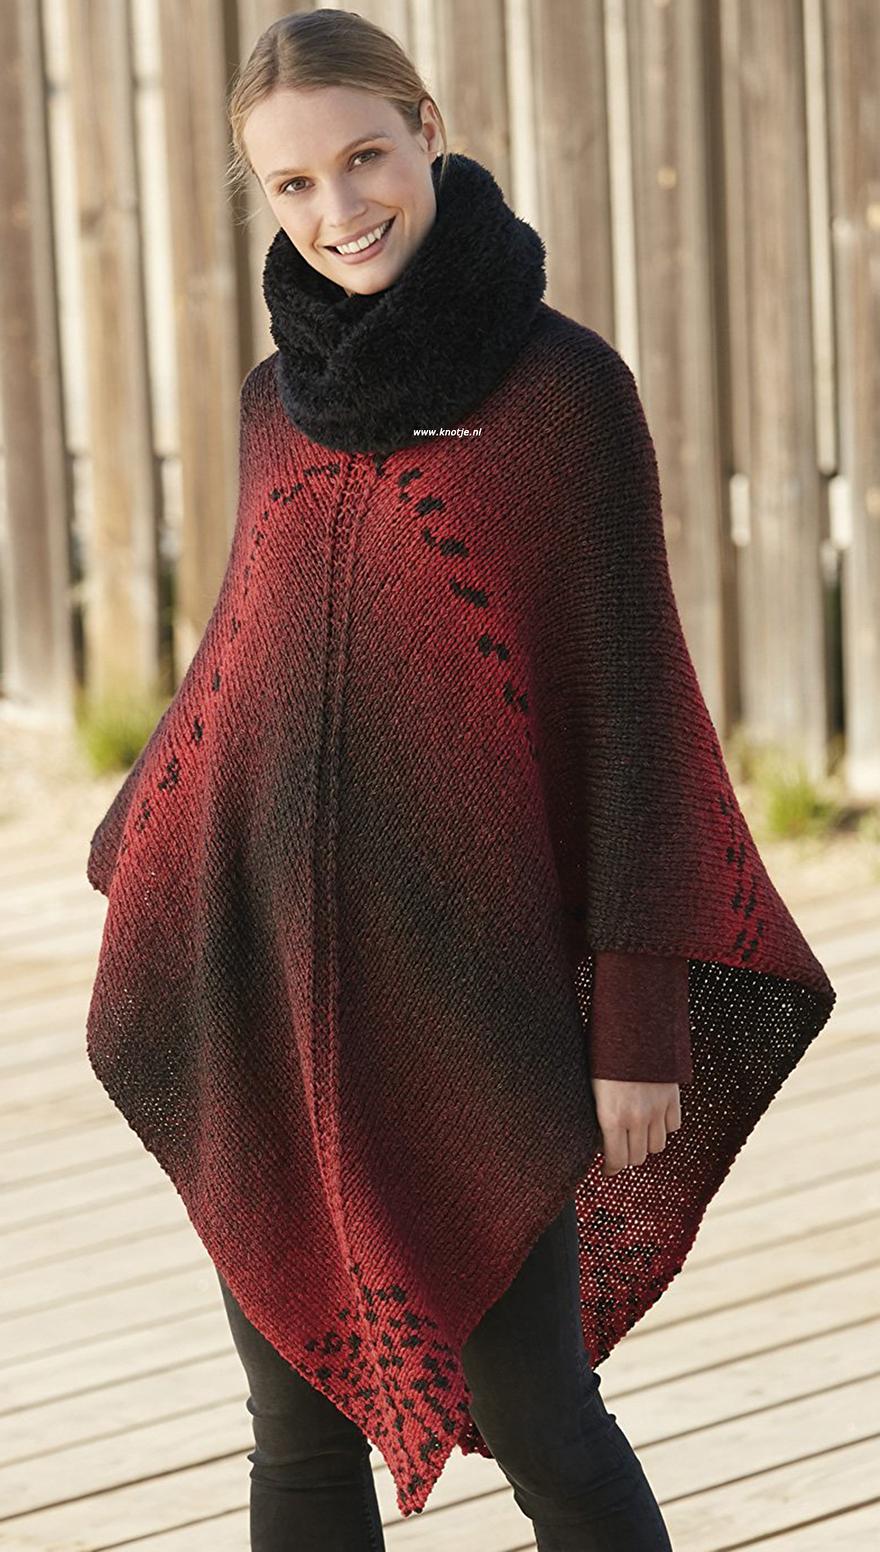 patroon-breien-haken-dames-poncho-herfst-winter-katia-6100-58-gkopie.jpg